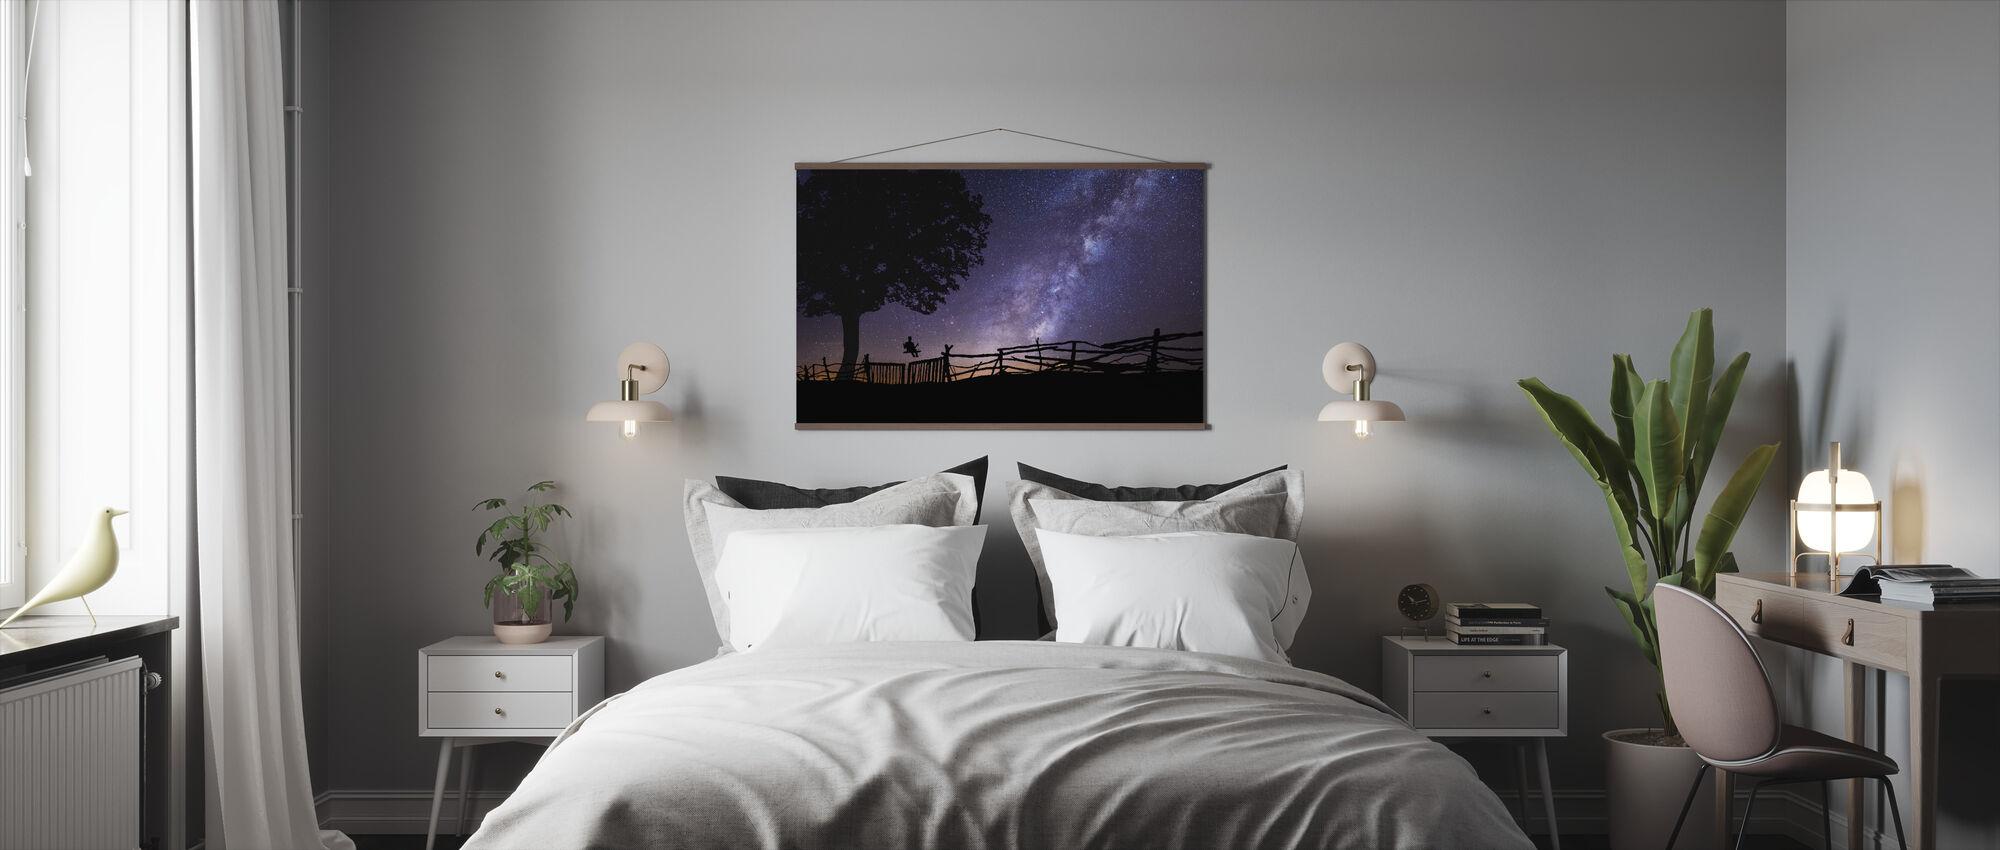 Sterrenhemel - Poster - Slaapkamer